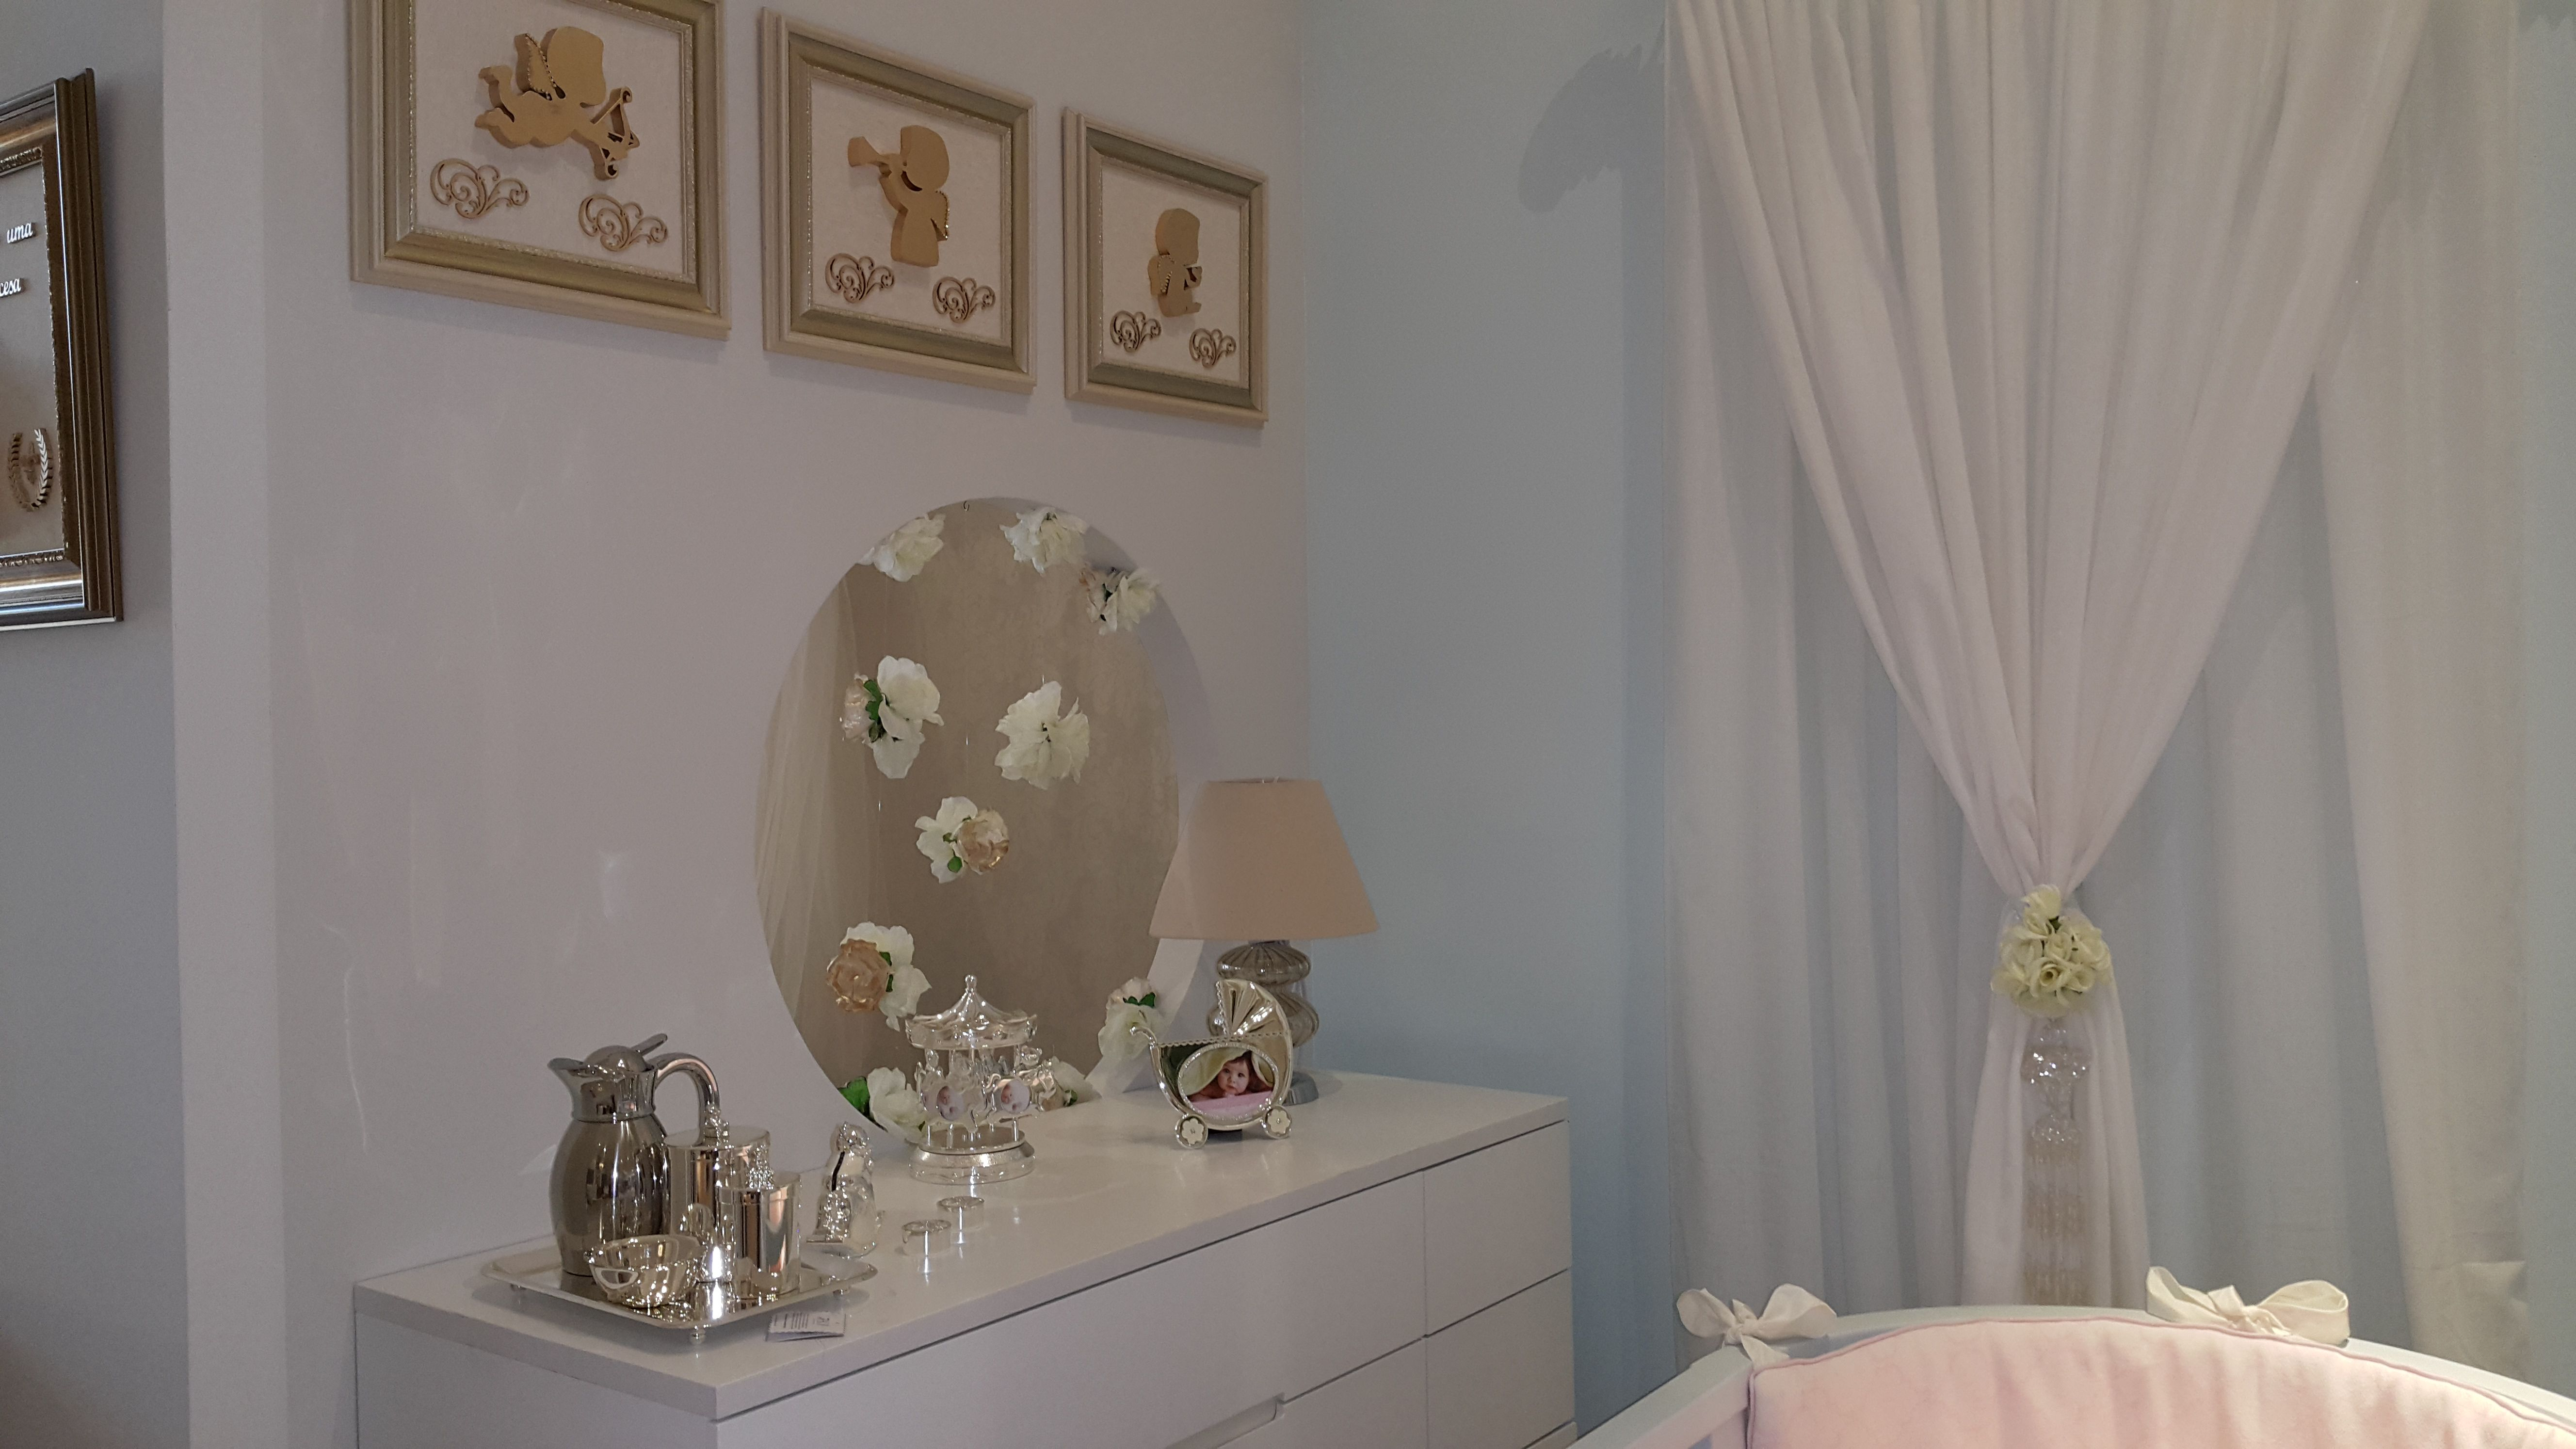 quarto de bebê da serie ideias para quarto de bebe do blog www.marciarispoli.com.br